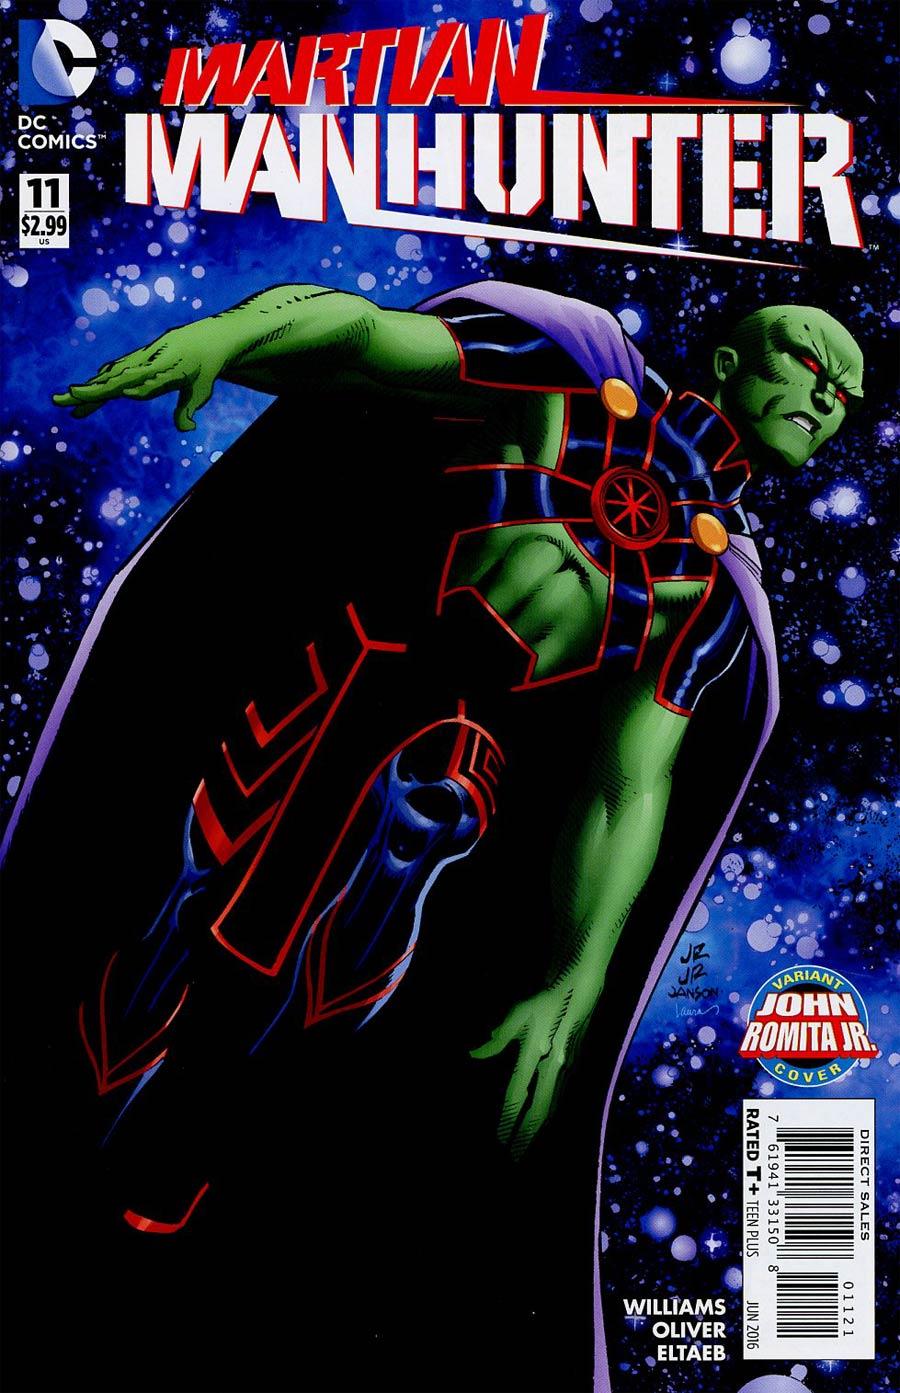 Martian Manhunter Vol 4 #11 Cover B Variant John Romita Jr Cover